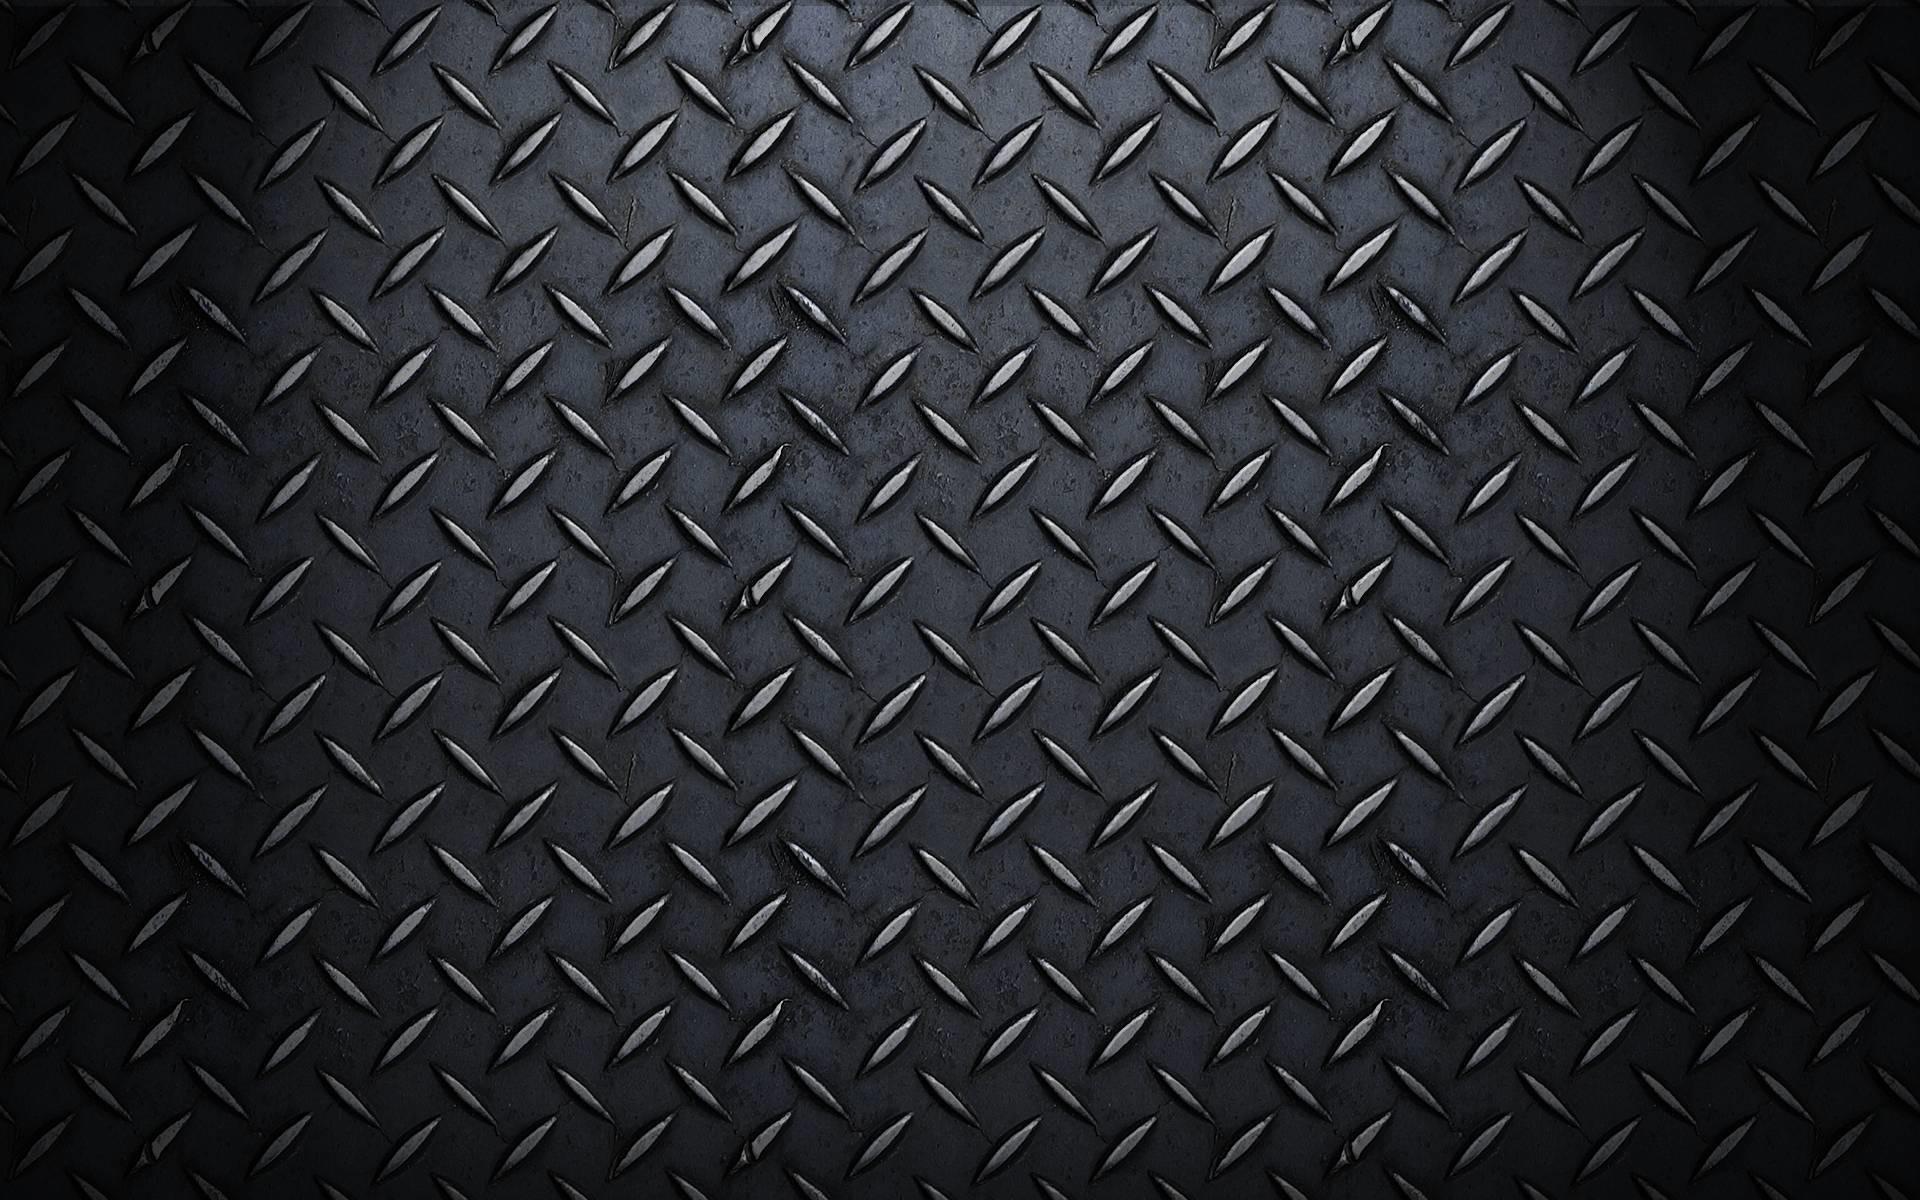 1920x1200 Dark Silver Metallic Texture